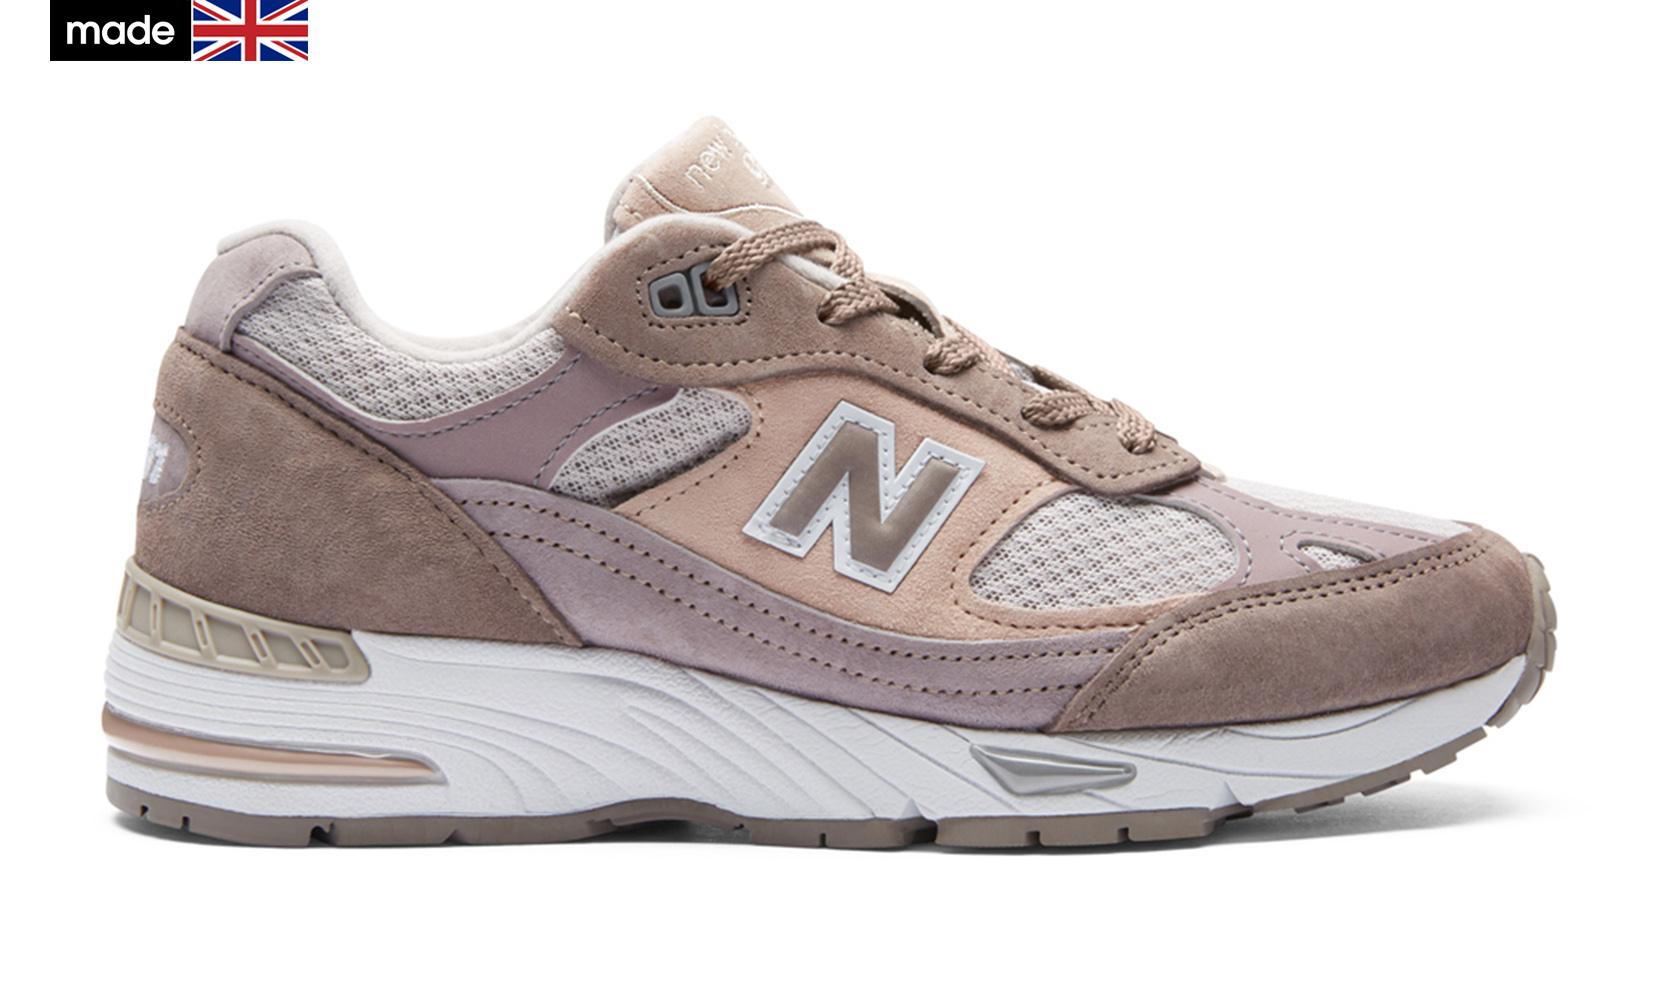 Жіноче взуття повсякденне New Balance 991 Made in UK W991LGS | New Balance